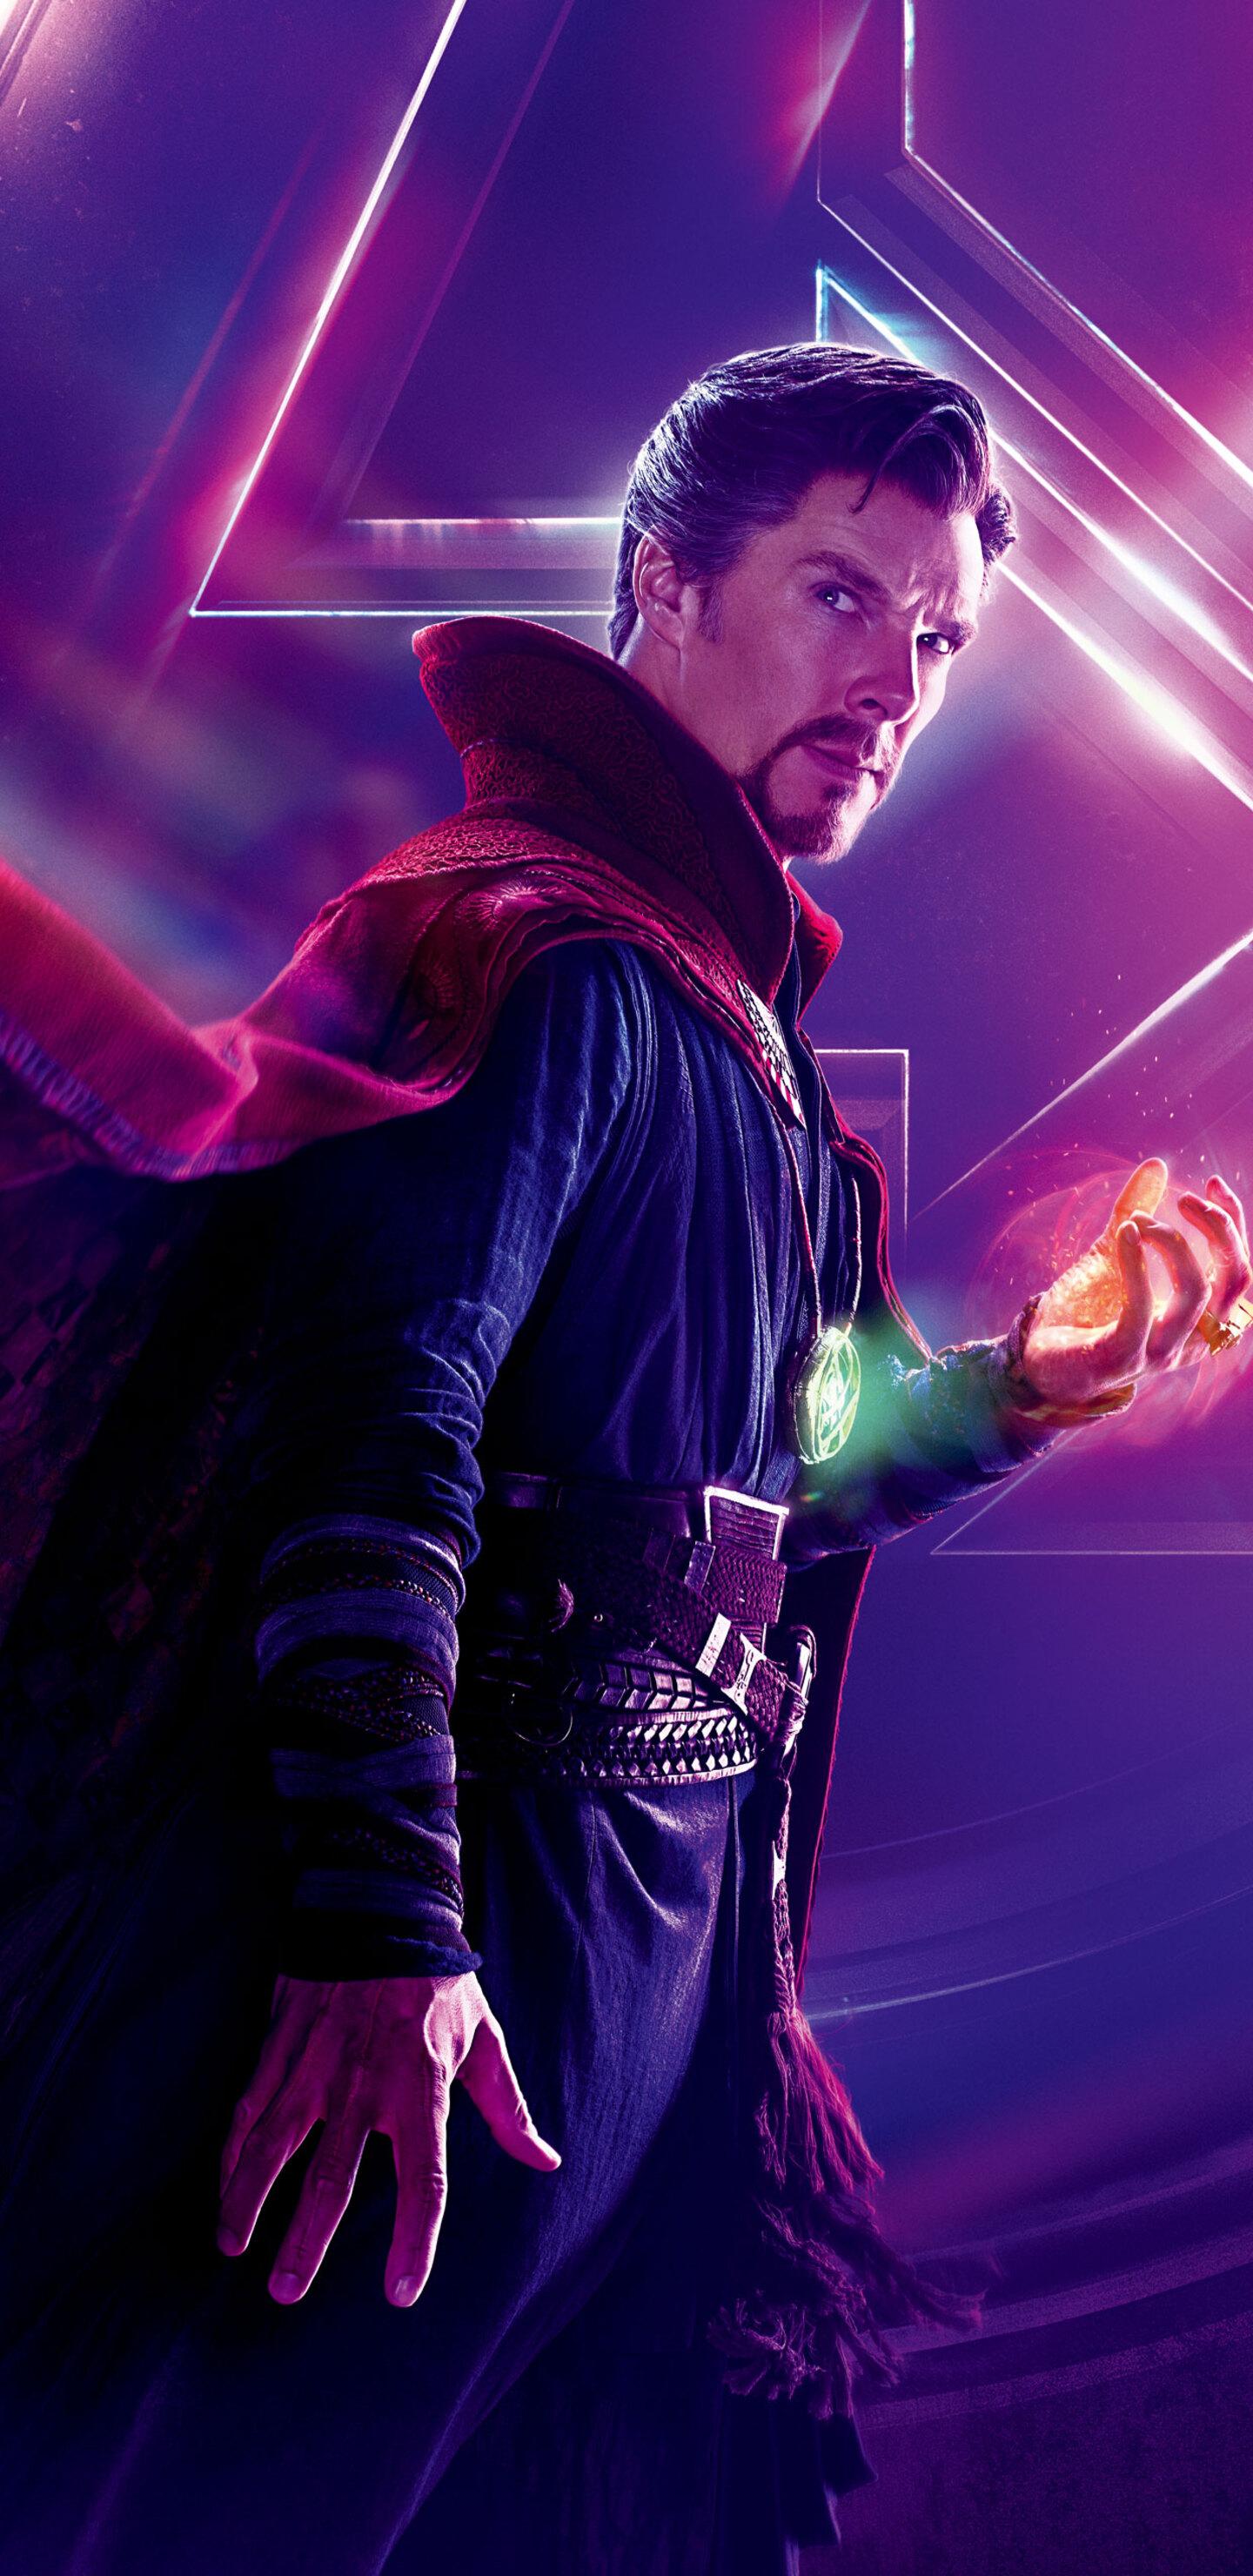 1440x2960 Doctor Strange In Avengers Infinity War 8k